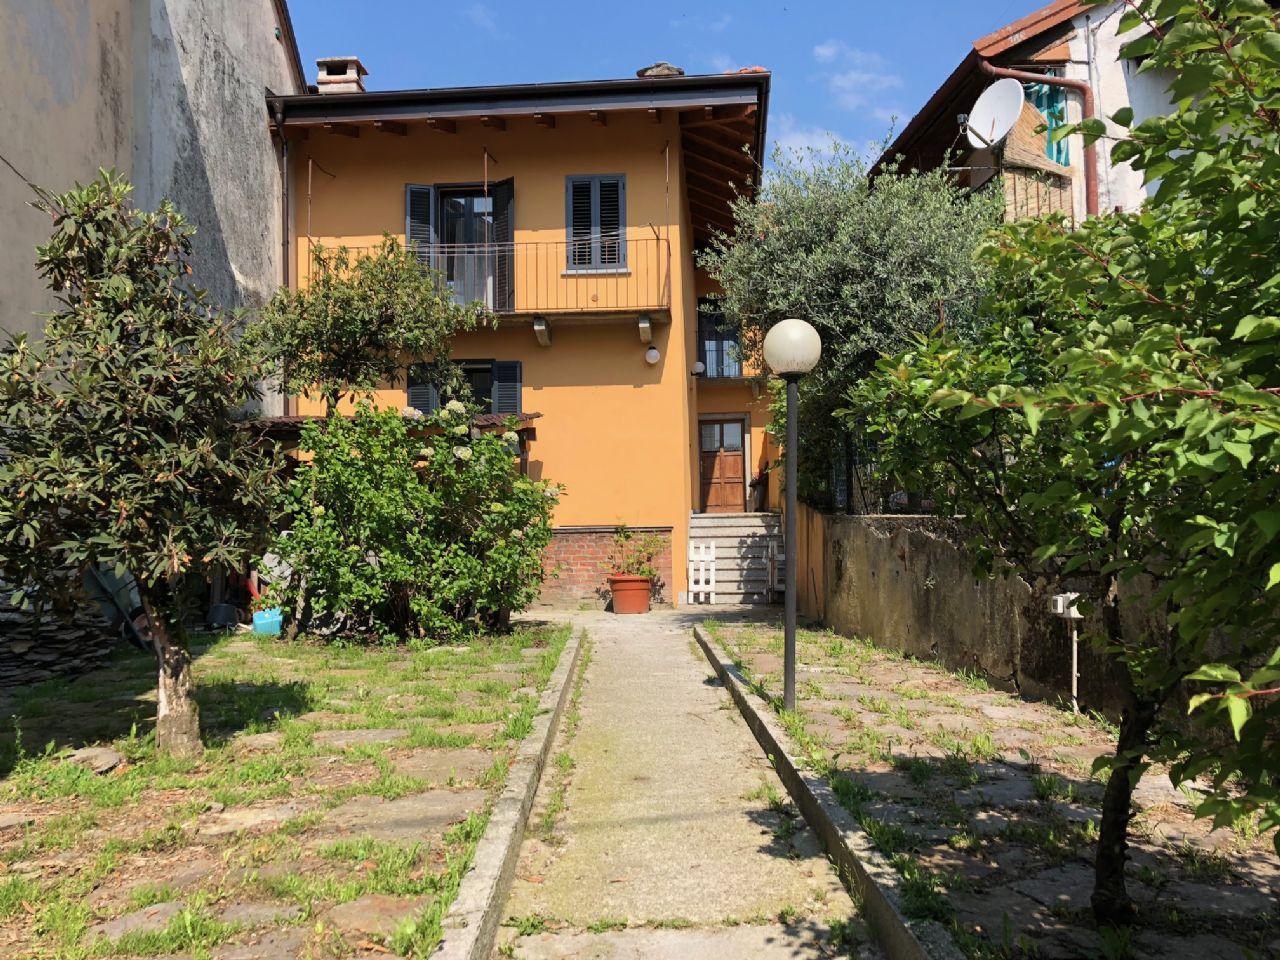 Vignone casa 154mq 2 camere con giardino e terrazzo - Terrazzo giardino ...